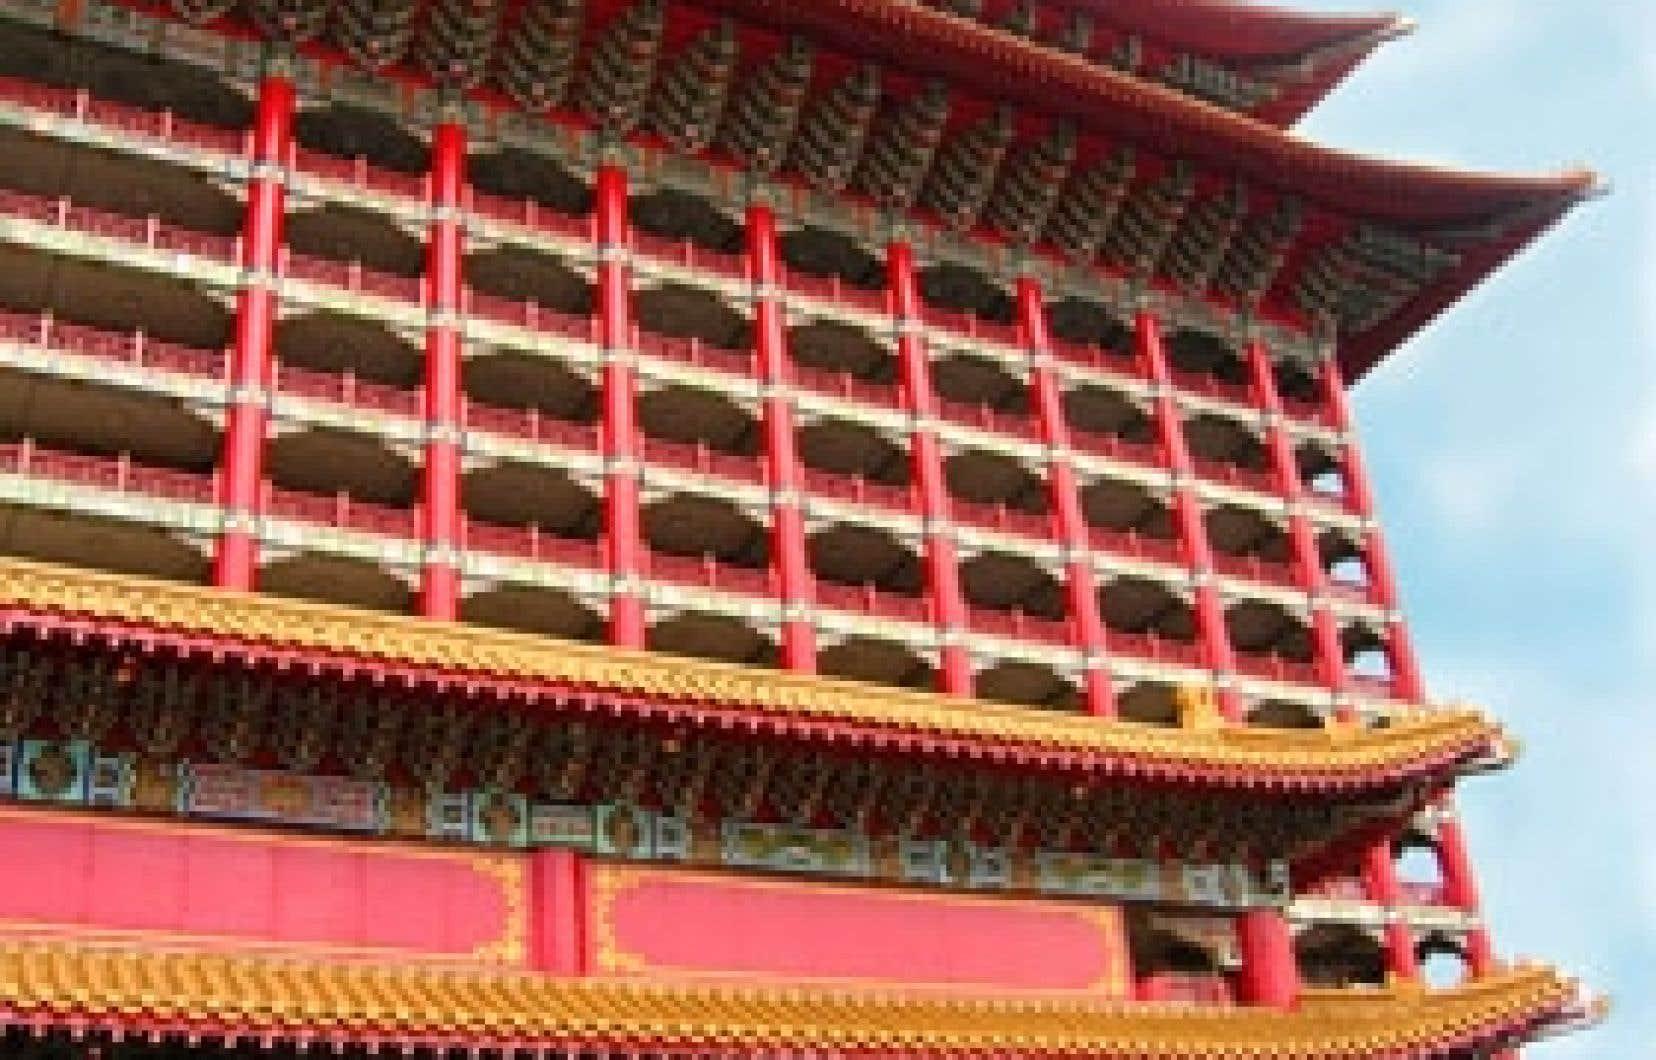 Le Grand Hôtel de Taipei est le plus grand édifice d'architecture chinoise traditionnelle au monde.